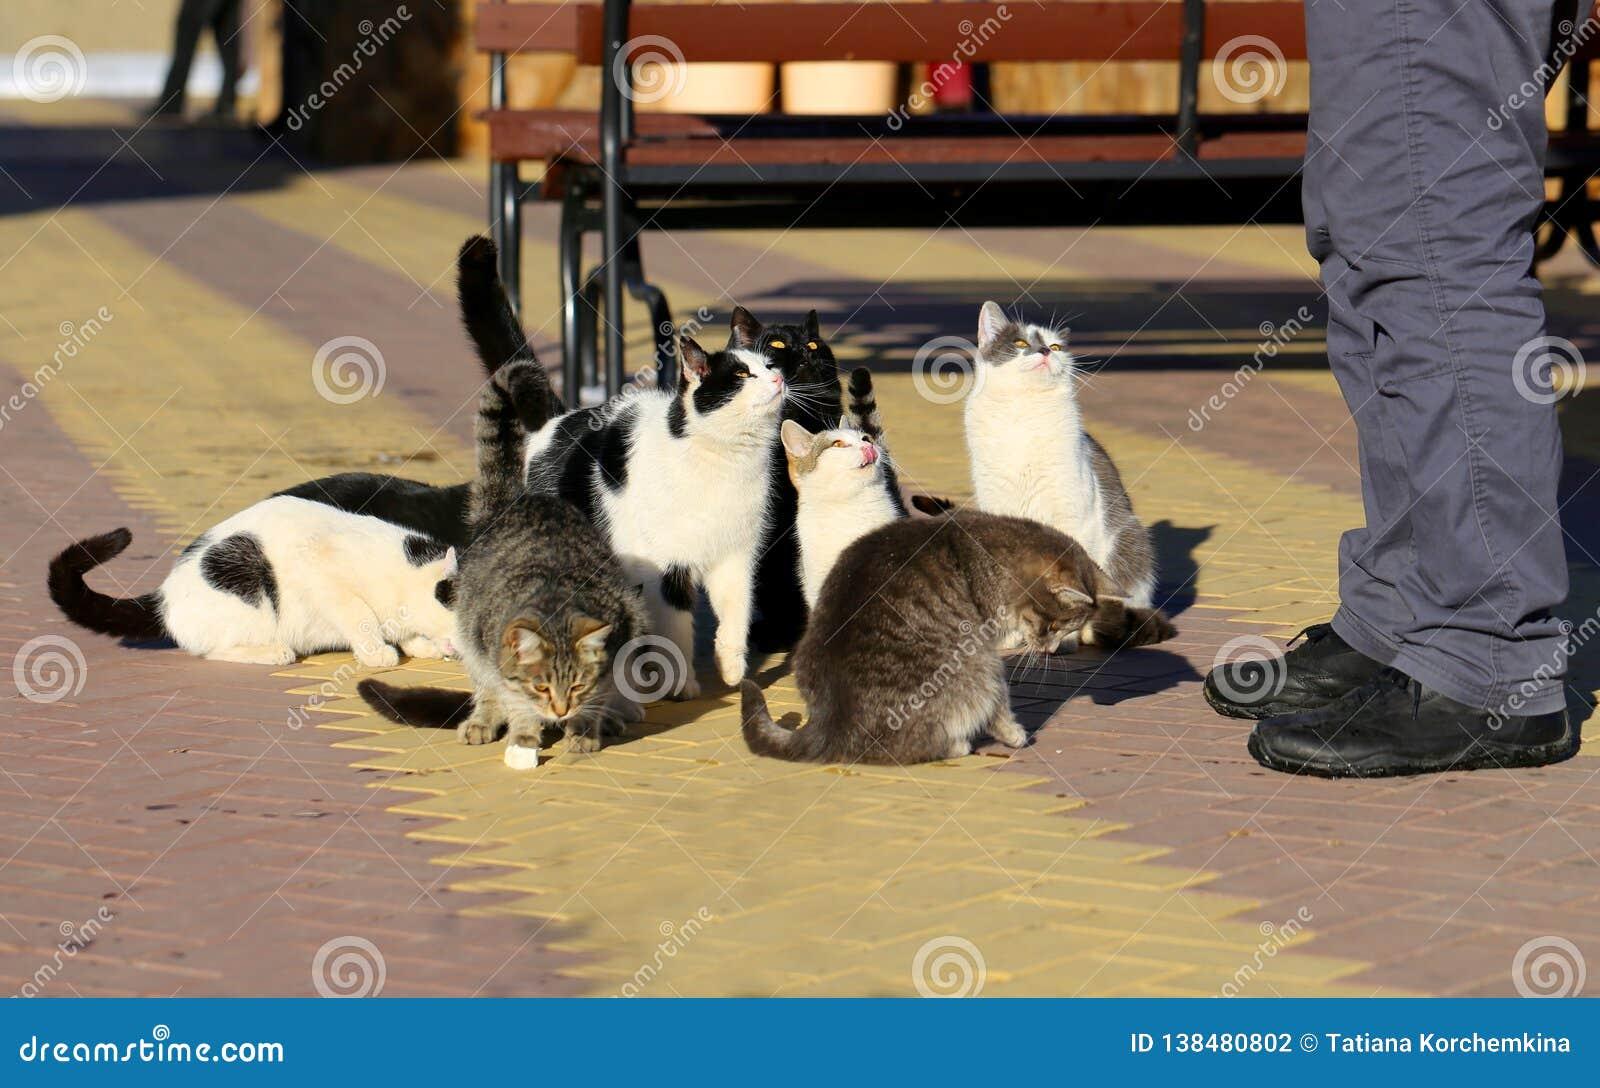 Photos of funny many cats eat